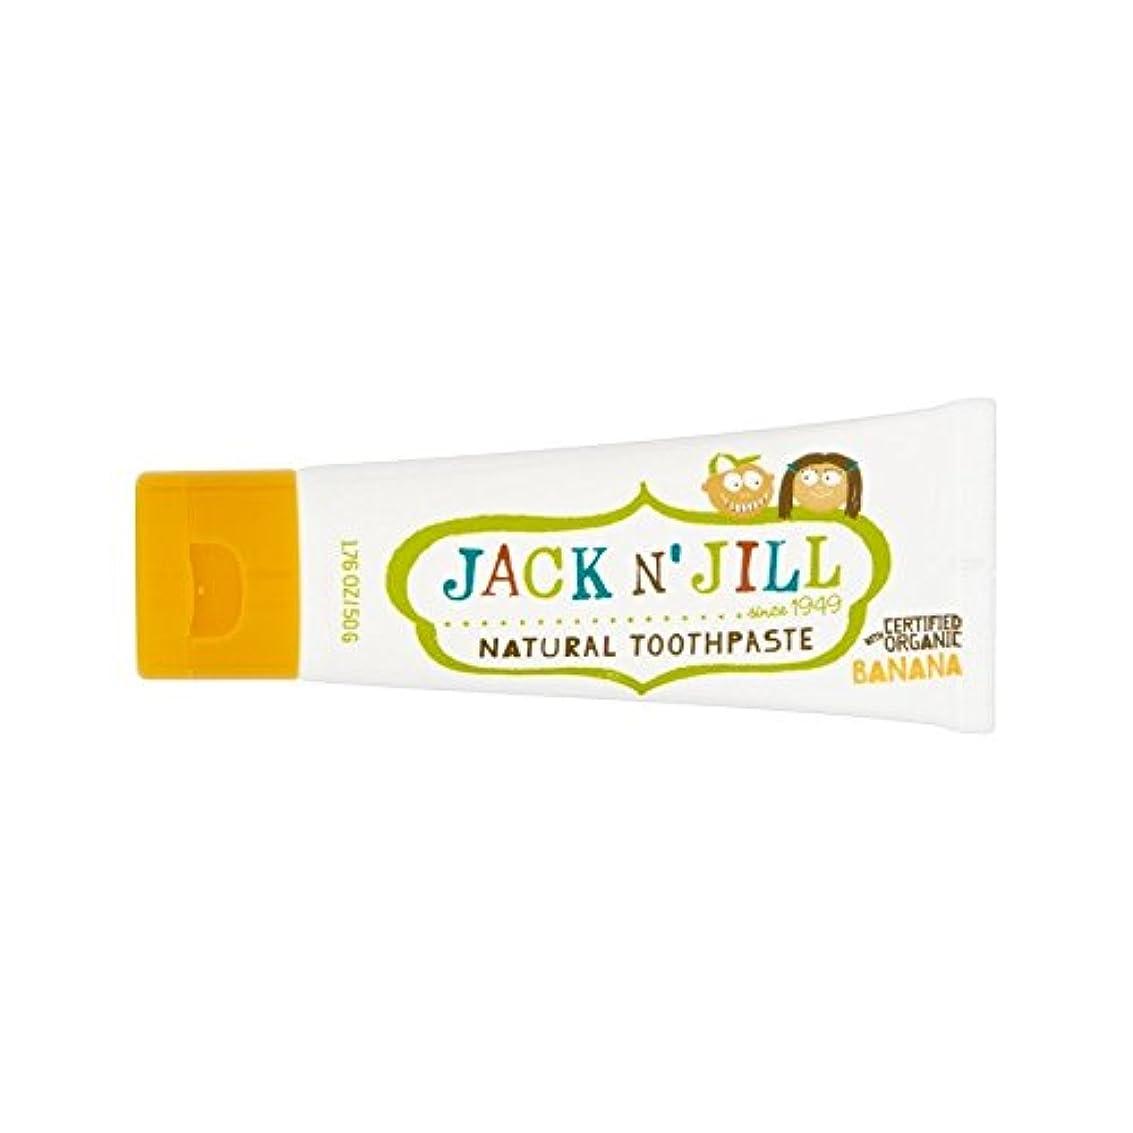 こんにちはブート最小化する有機香味50グラムと自然バナナ歯磨き粉 (Jack N Jill) - Jack N' Jill Banana Toothpaste Natural with Organic Flavouring 50g [並行輸入品]